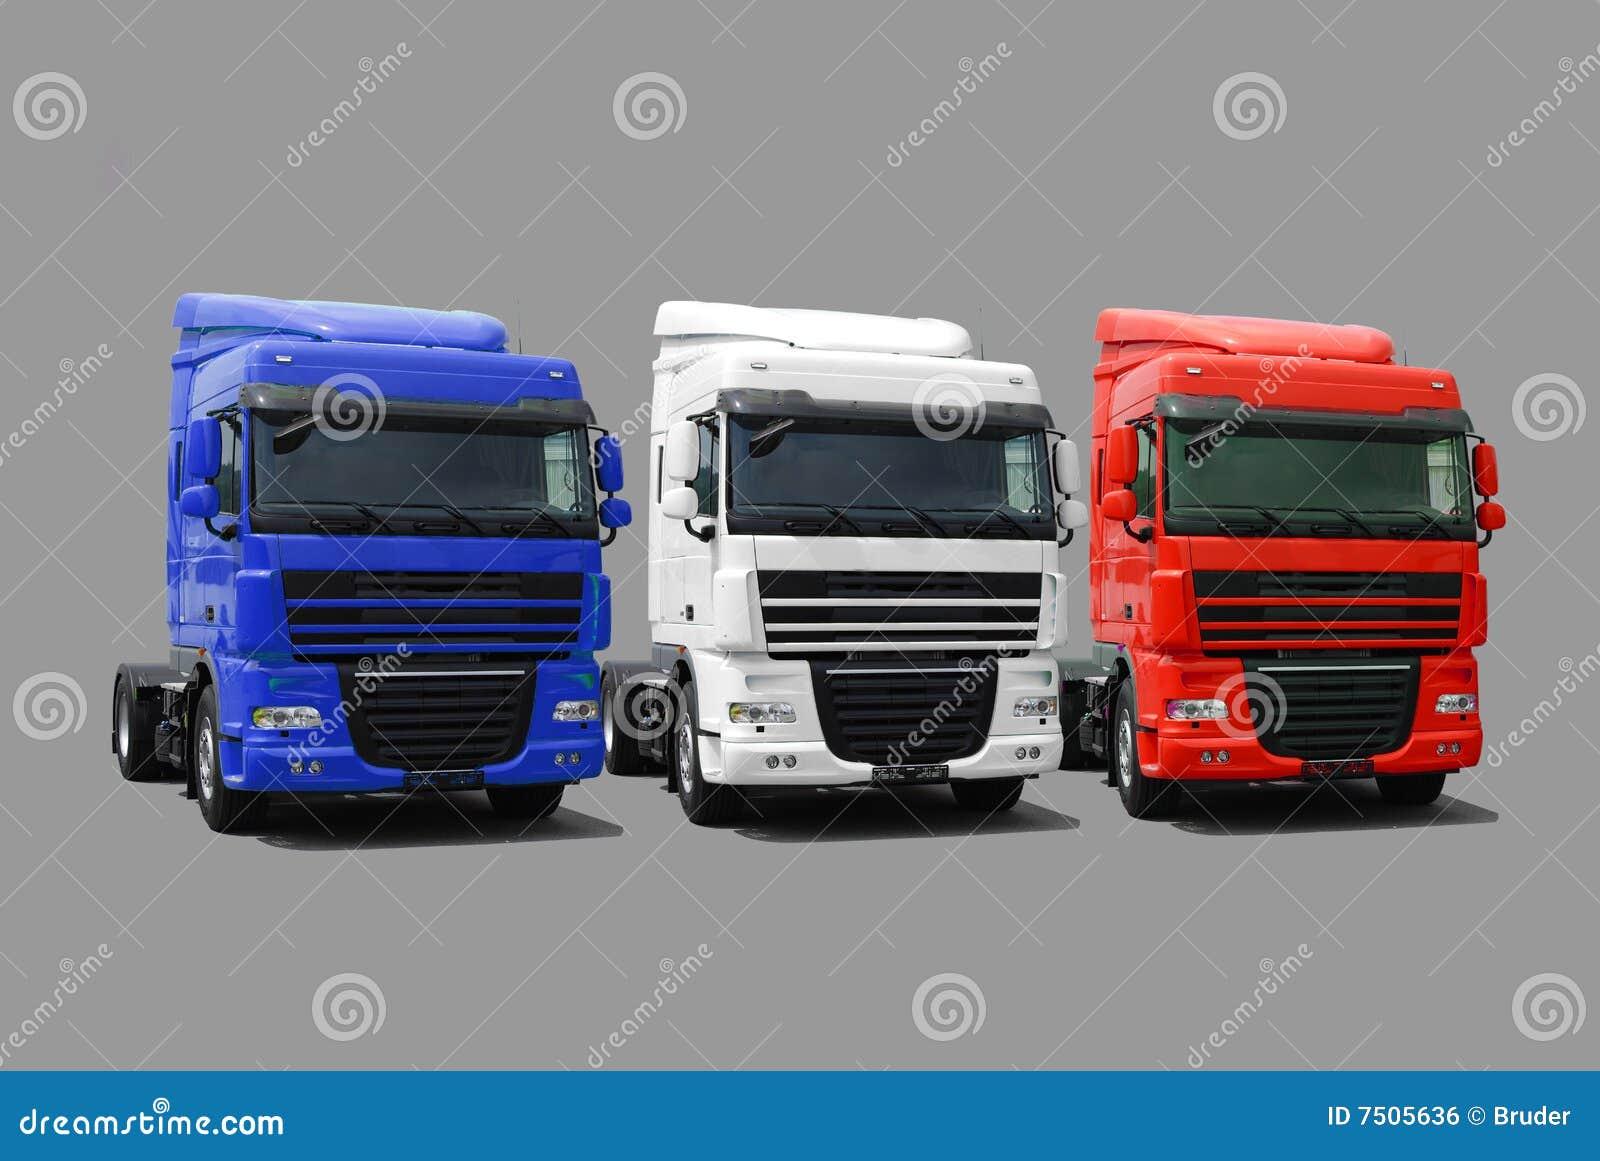 舰队s卡车